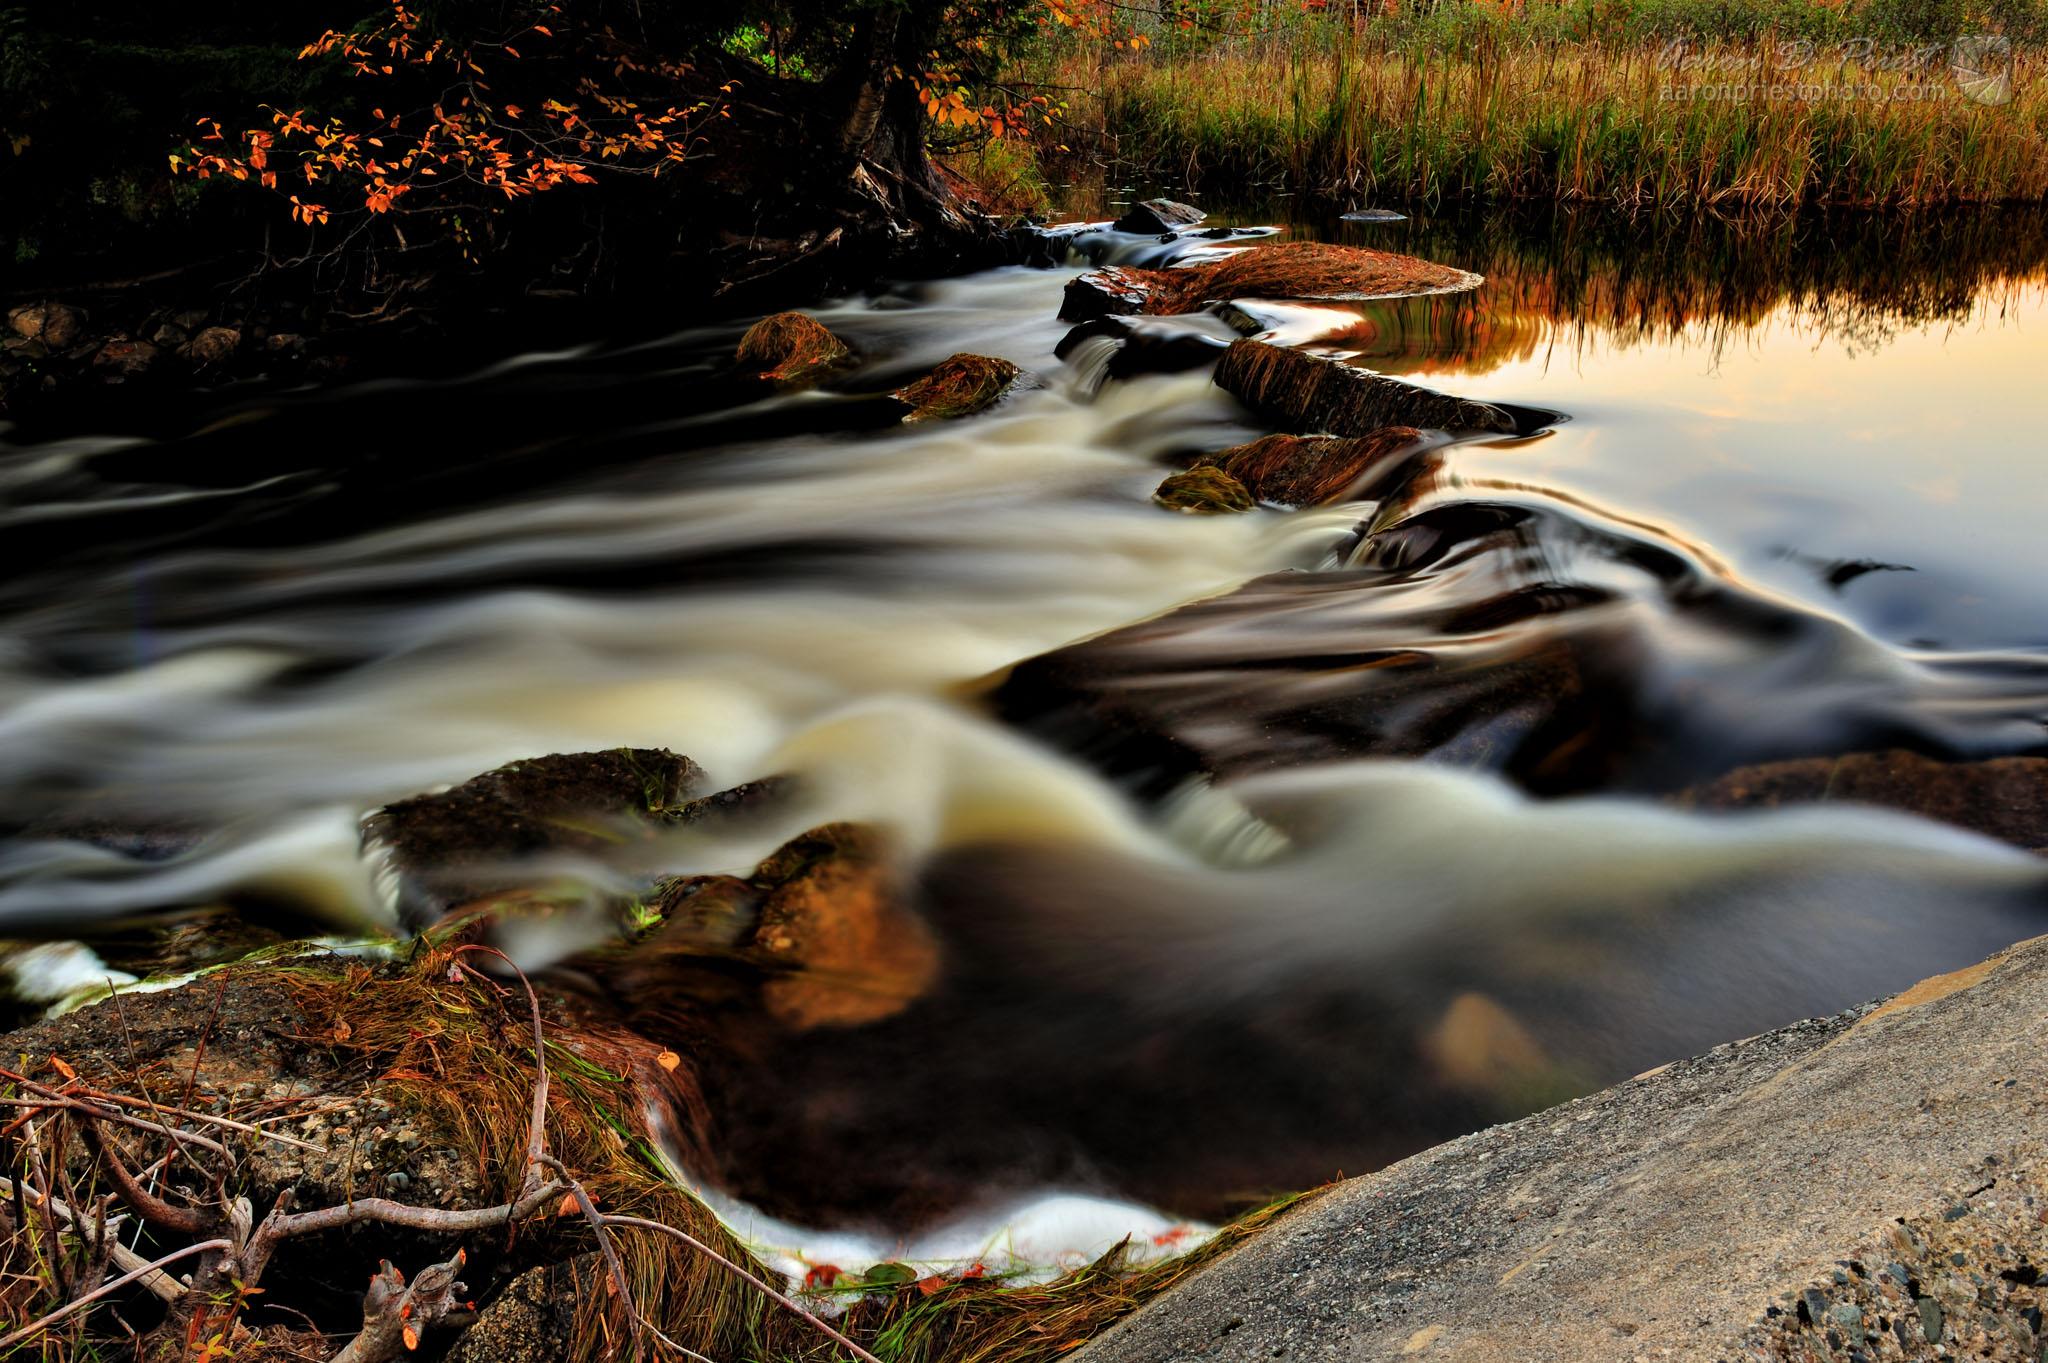 2011-10-09-54943.jpg